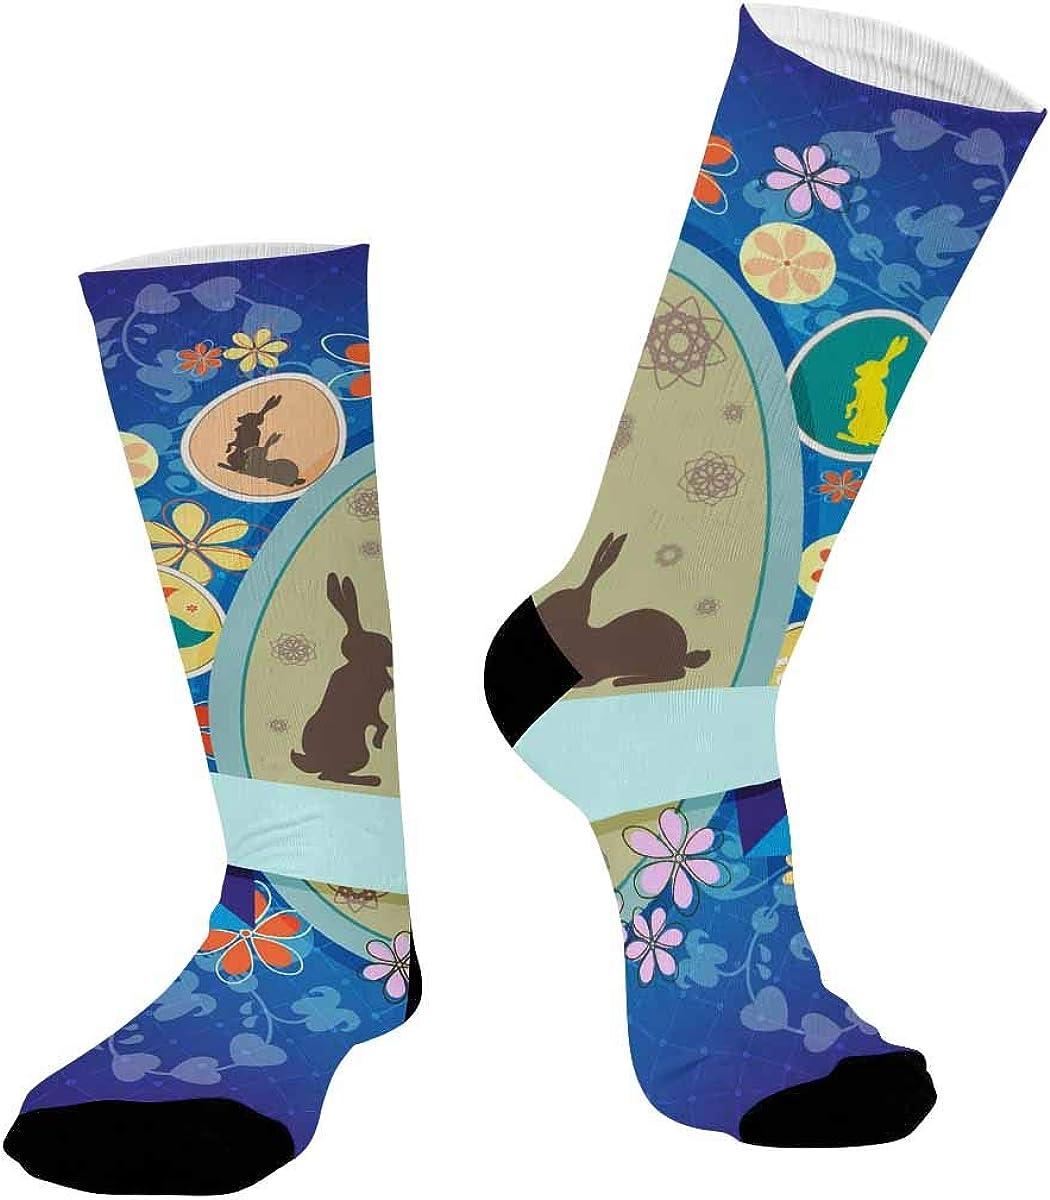 INTERESTPRINT Unisex Sublimated Crew Socks Athletic Running Socks Blue Easter Eggs Flowers